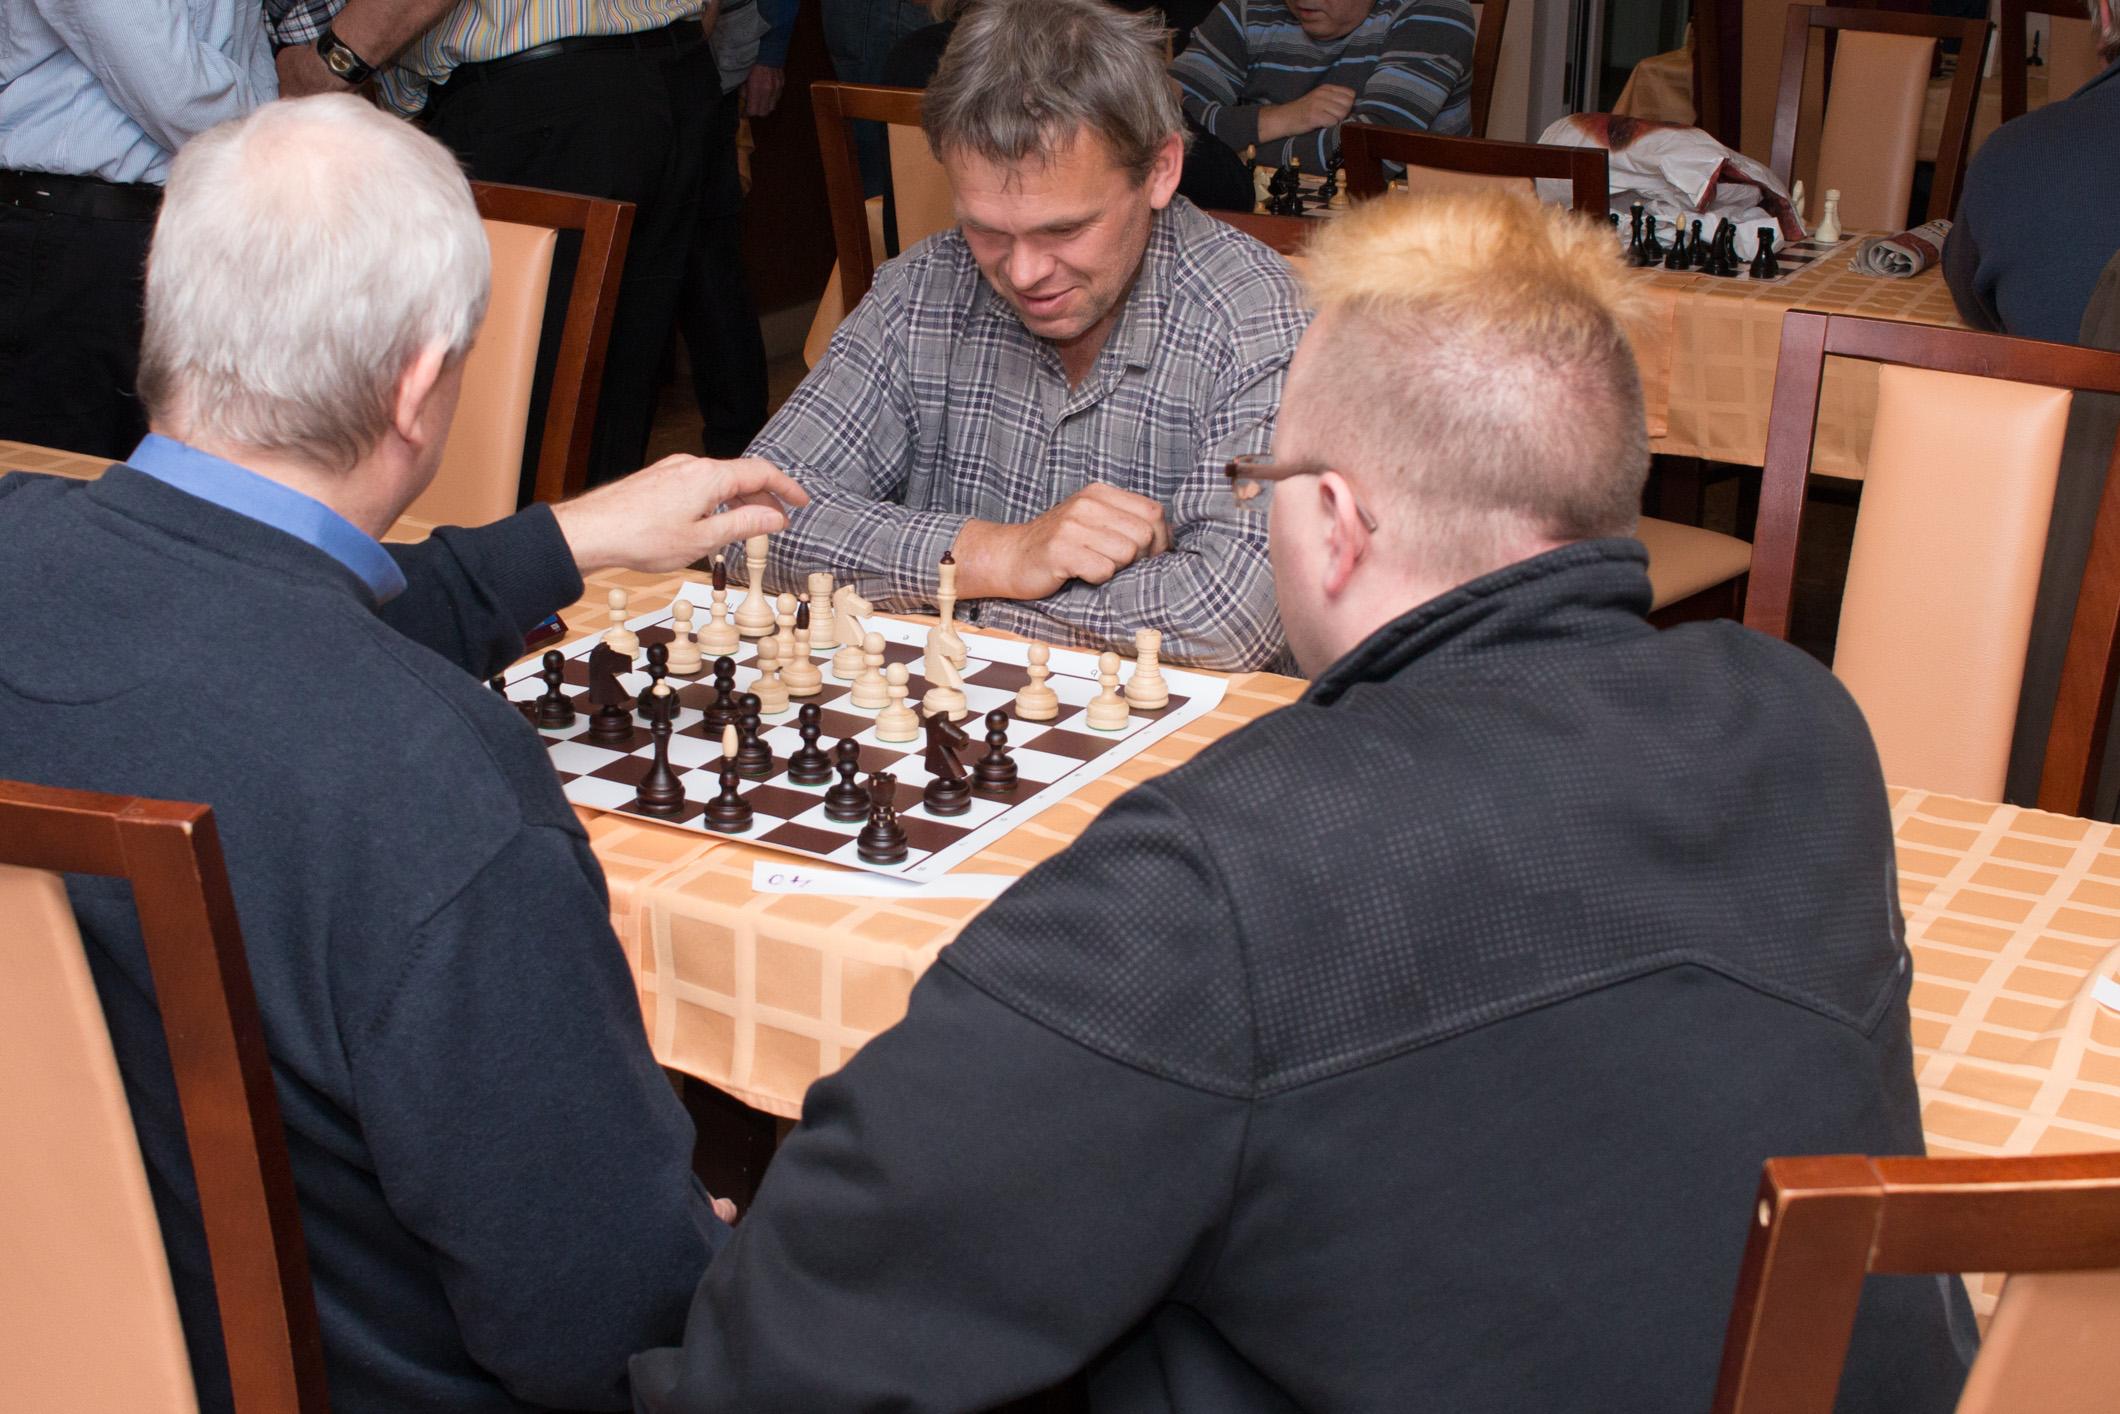 vianocny-sachovy-turnaj-5